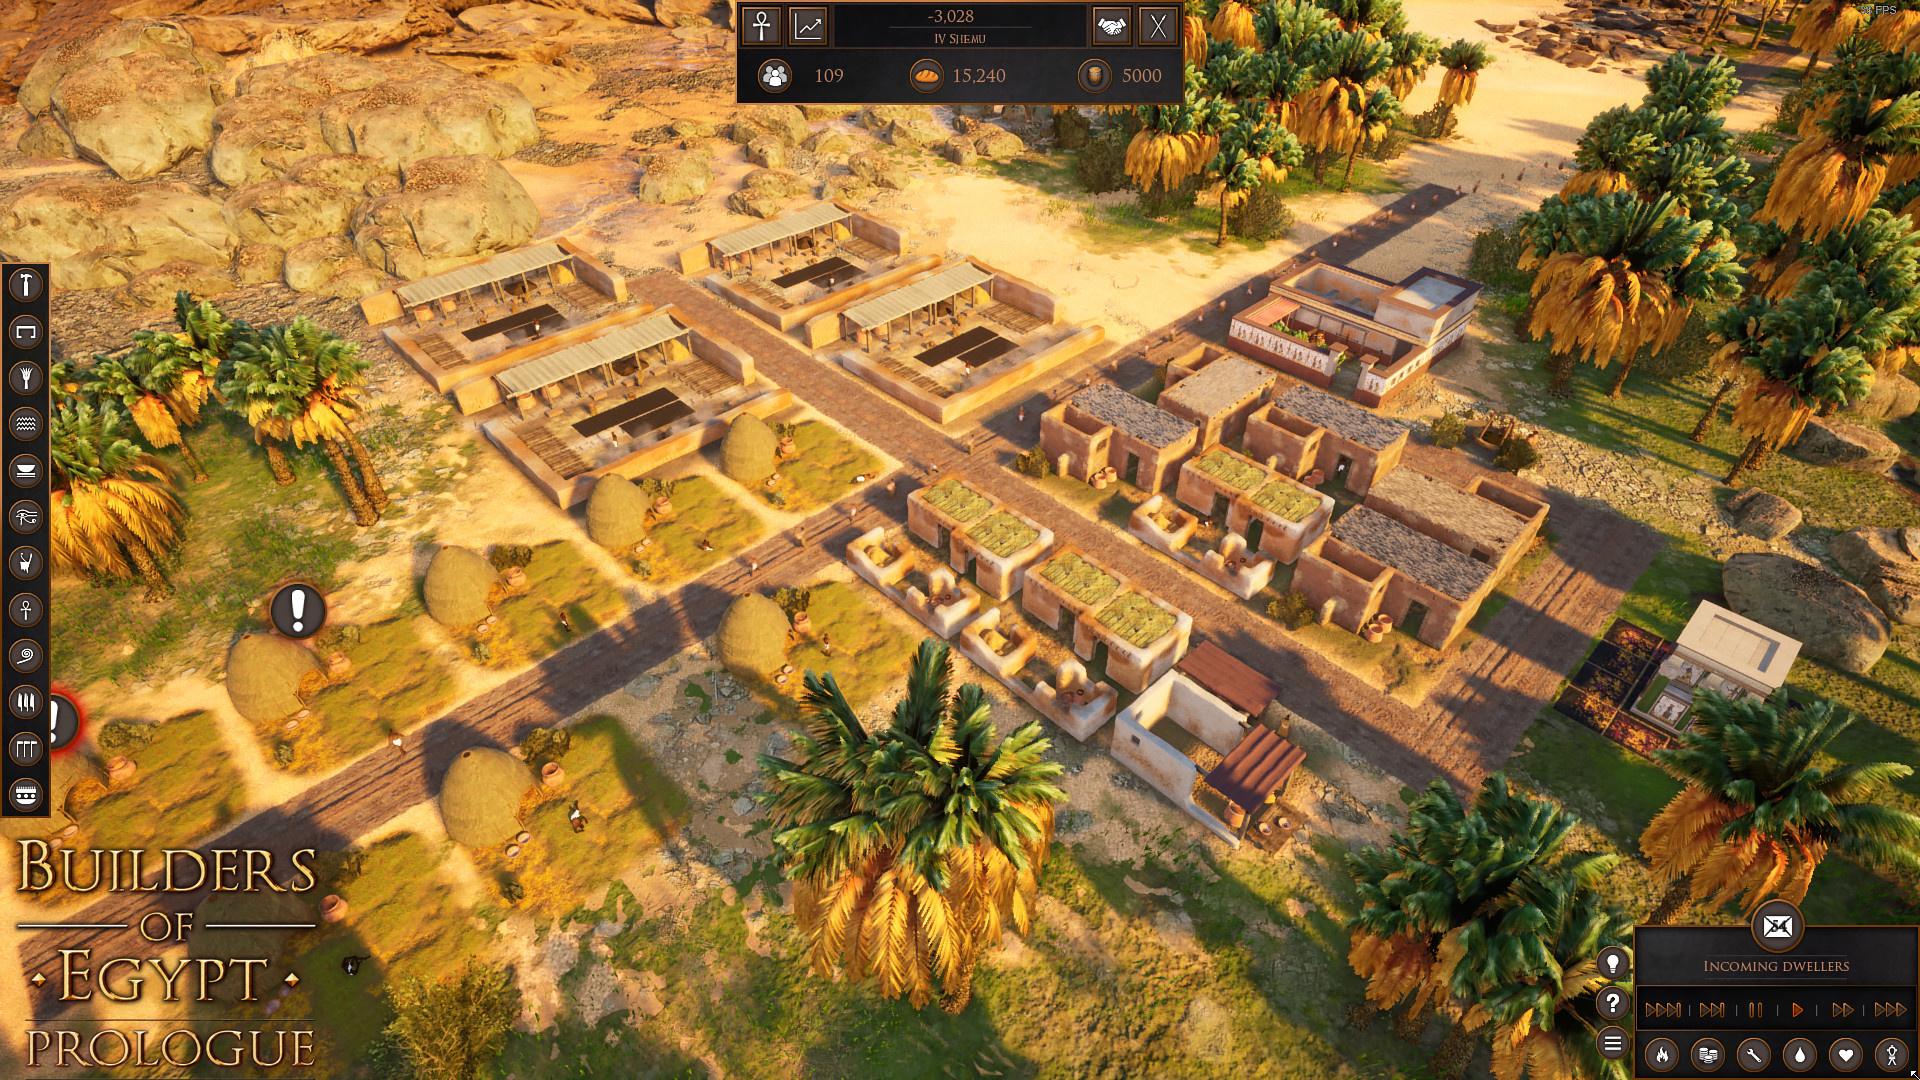 К невышедшей Builders of Egypt анонсировали уже второй сиквел